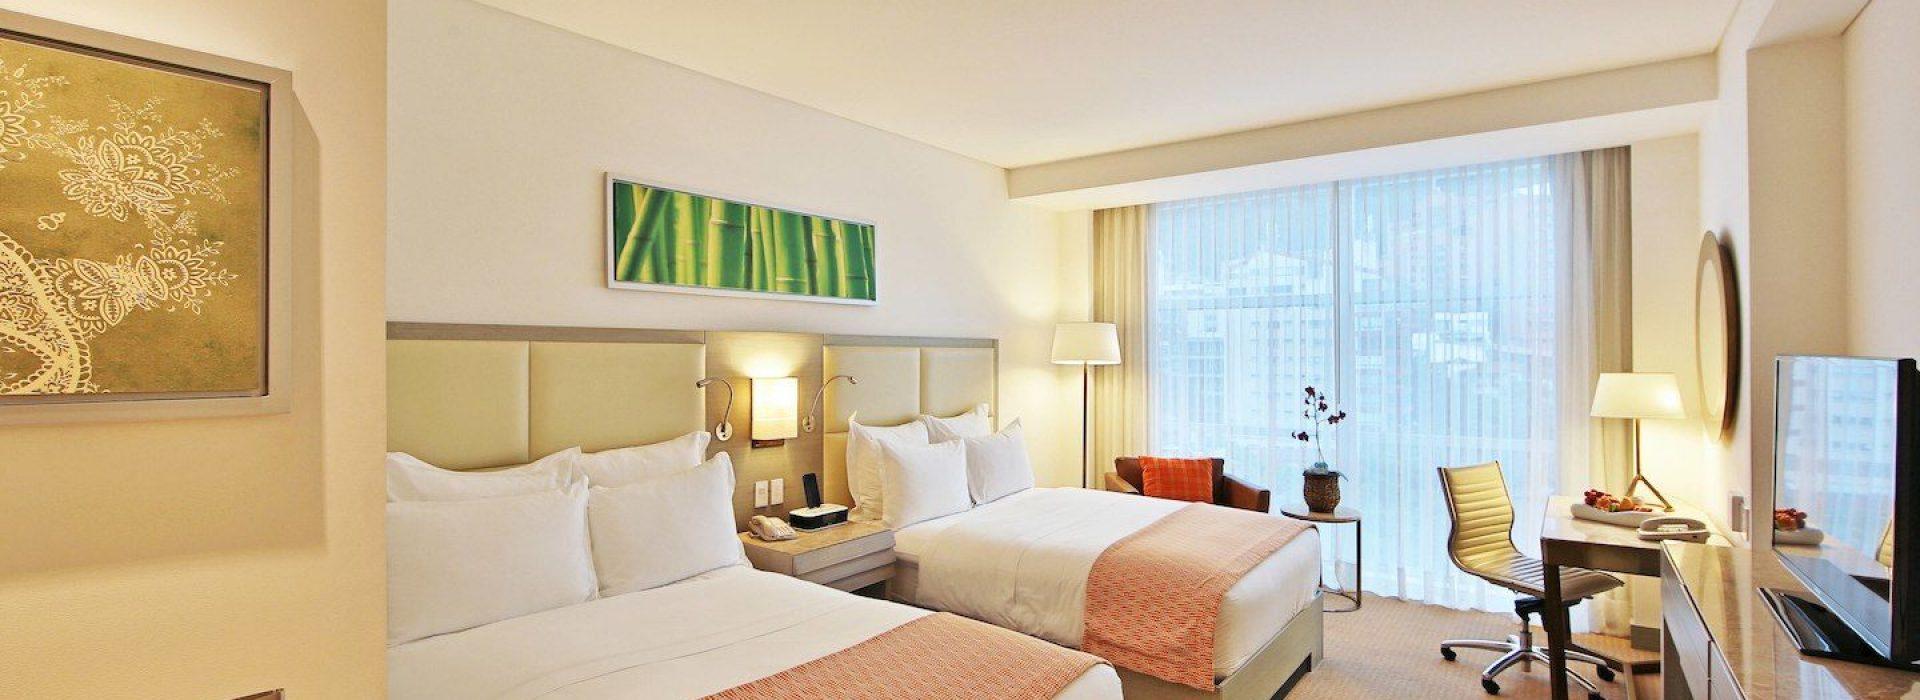 clomc-guestroom-0046-hor-wide